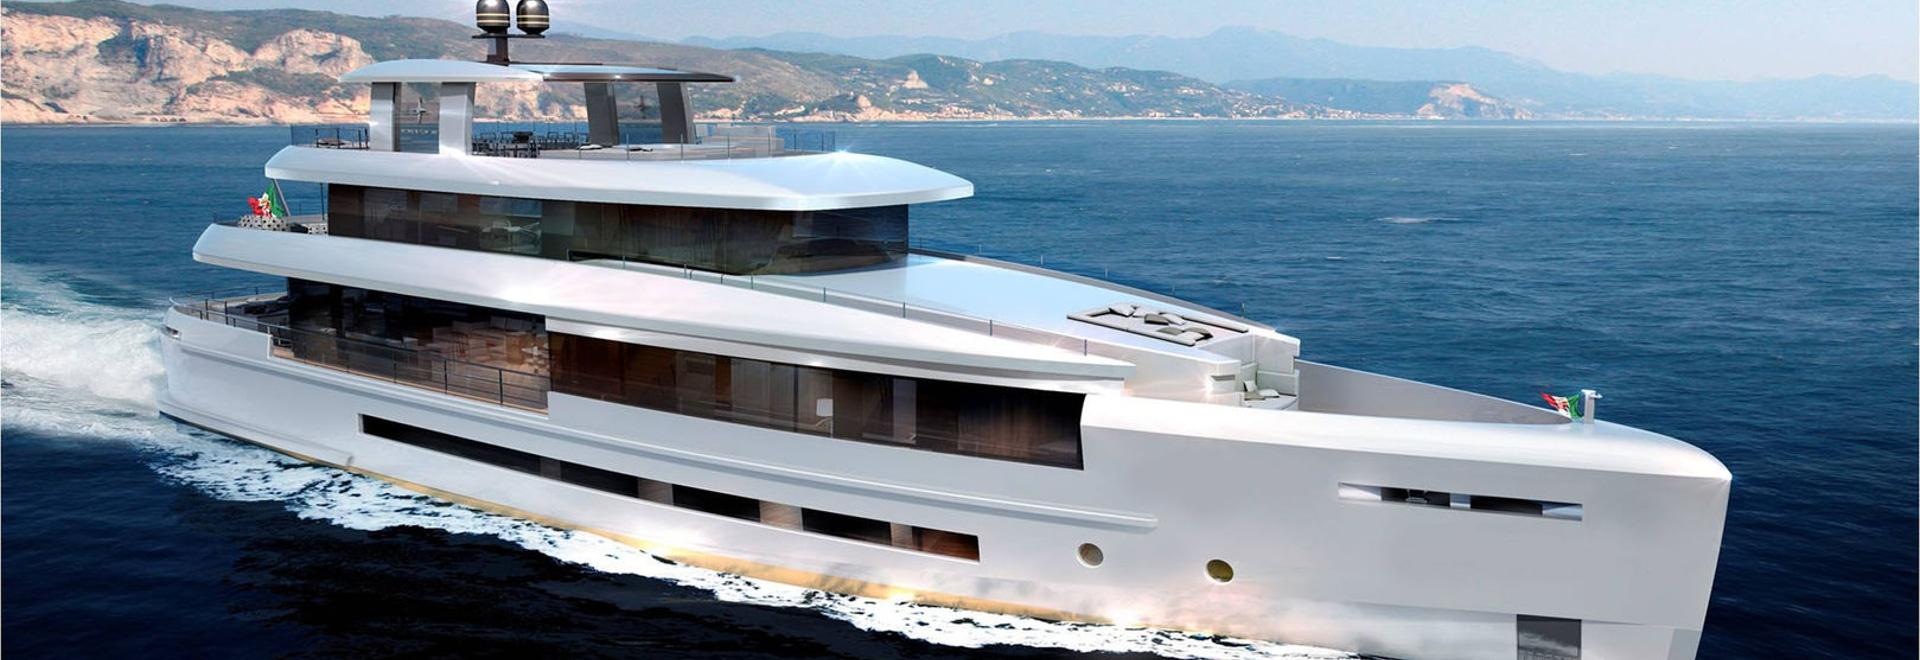 NEU: Standardc$super-yacht durch Admiralyachten